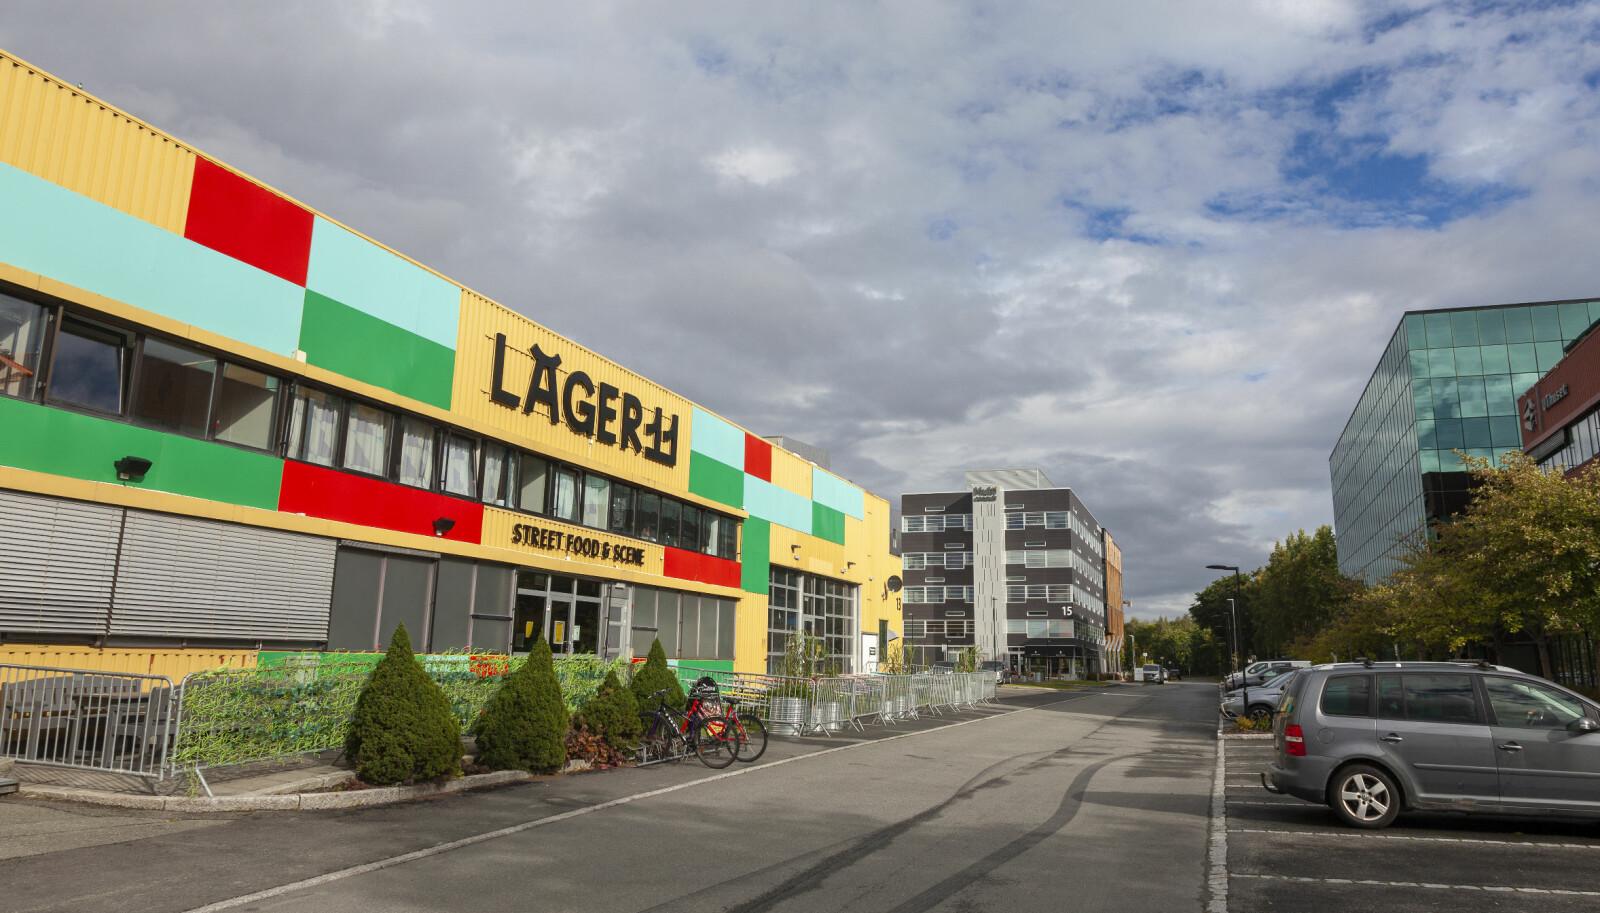 <b>FARGEKLATT:</b> Utenom Lager11 er Sluppen eit grått område, fullt av svære lagerhus, næringslivs-bygg, bilveg og parkeringsplassar.